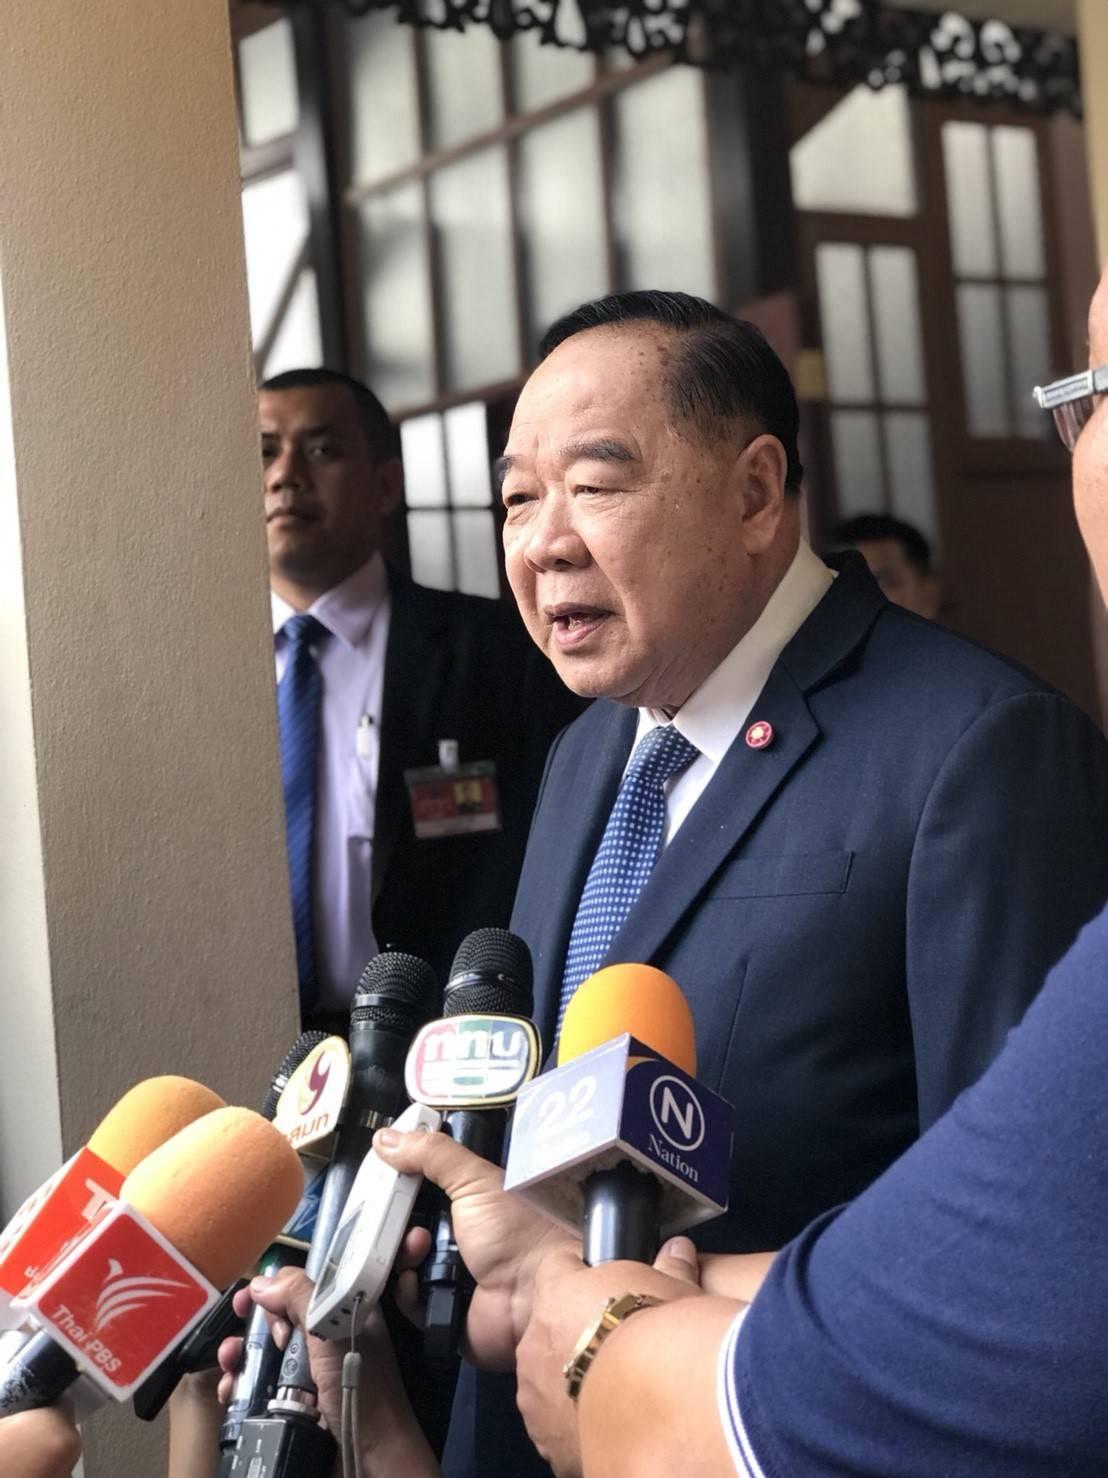 พล.อ.ประวิตรฯ กล่าวแสดงความเสียใจและขอโทษชาวจีน ต่อกรณีเรือนักท่องเที่ยวล่ม ย้ำจะดูแลและให้ความเป็นธรรมให้ดีที่สุด